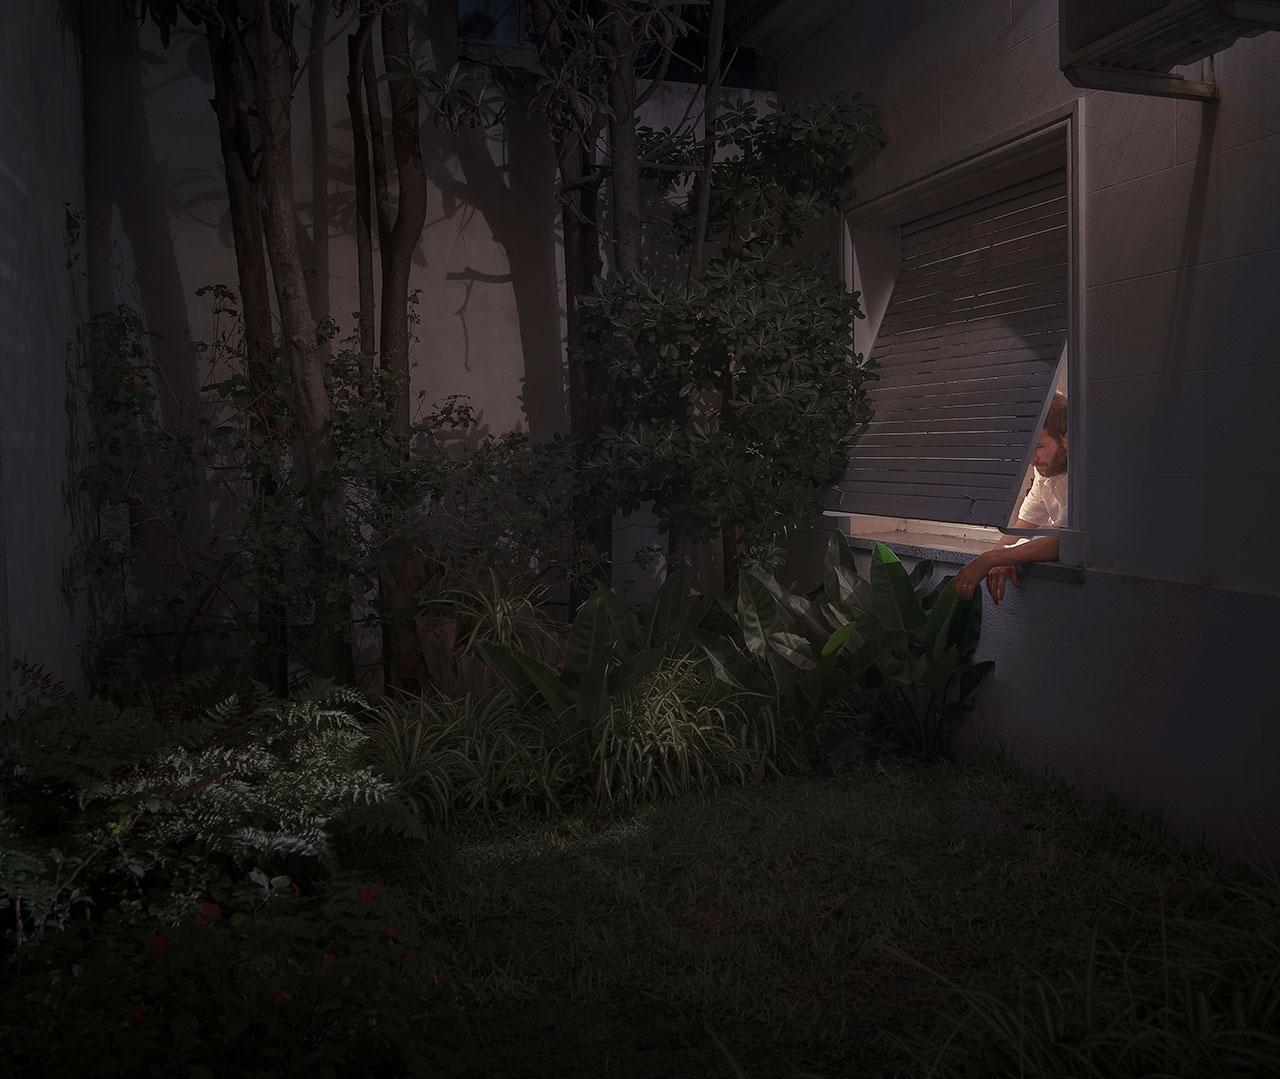 Ты там?, © Родриго Ильескас, провинция Буэнос-Айрес, Аргентина, Победитель категории «Портрет», Фотоконкурс Felix Schoeller